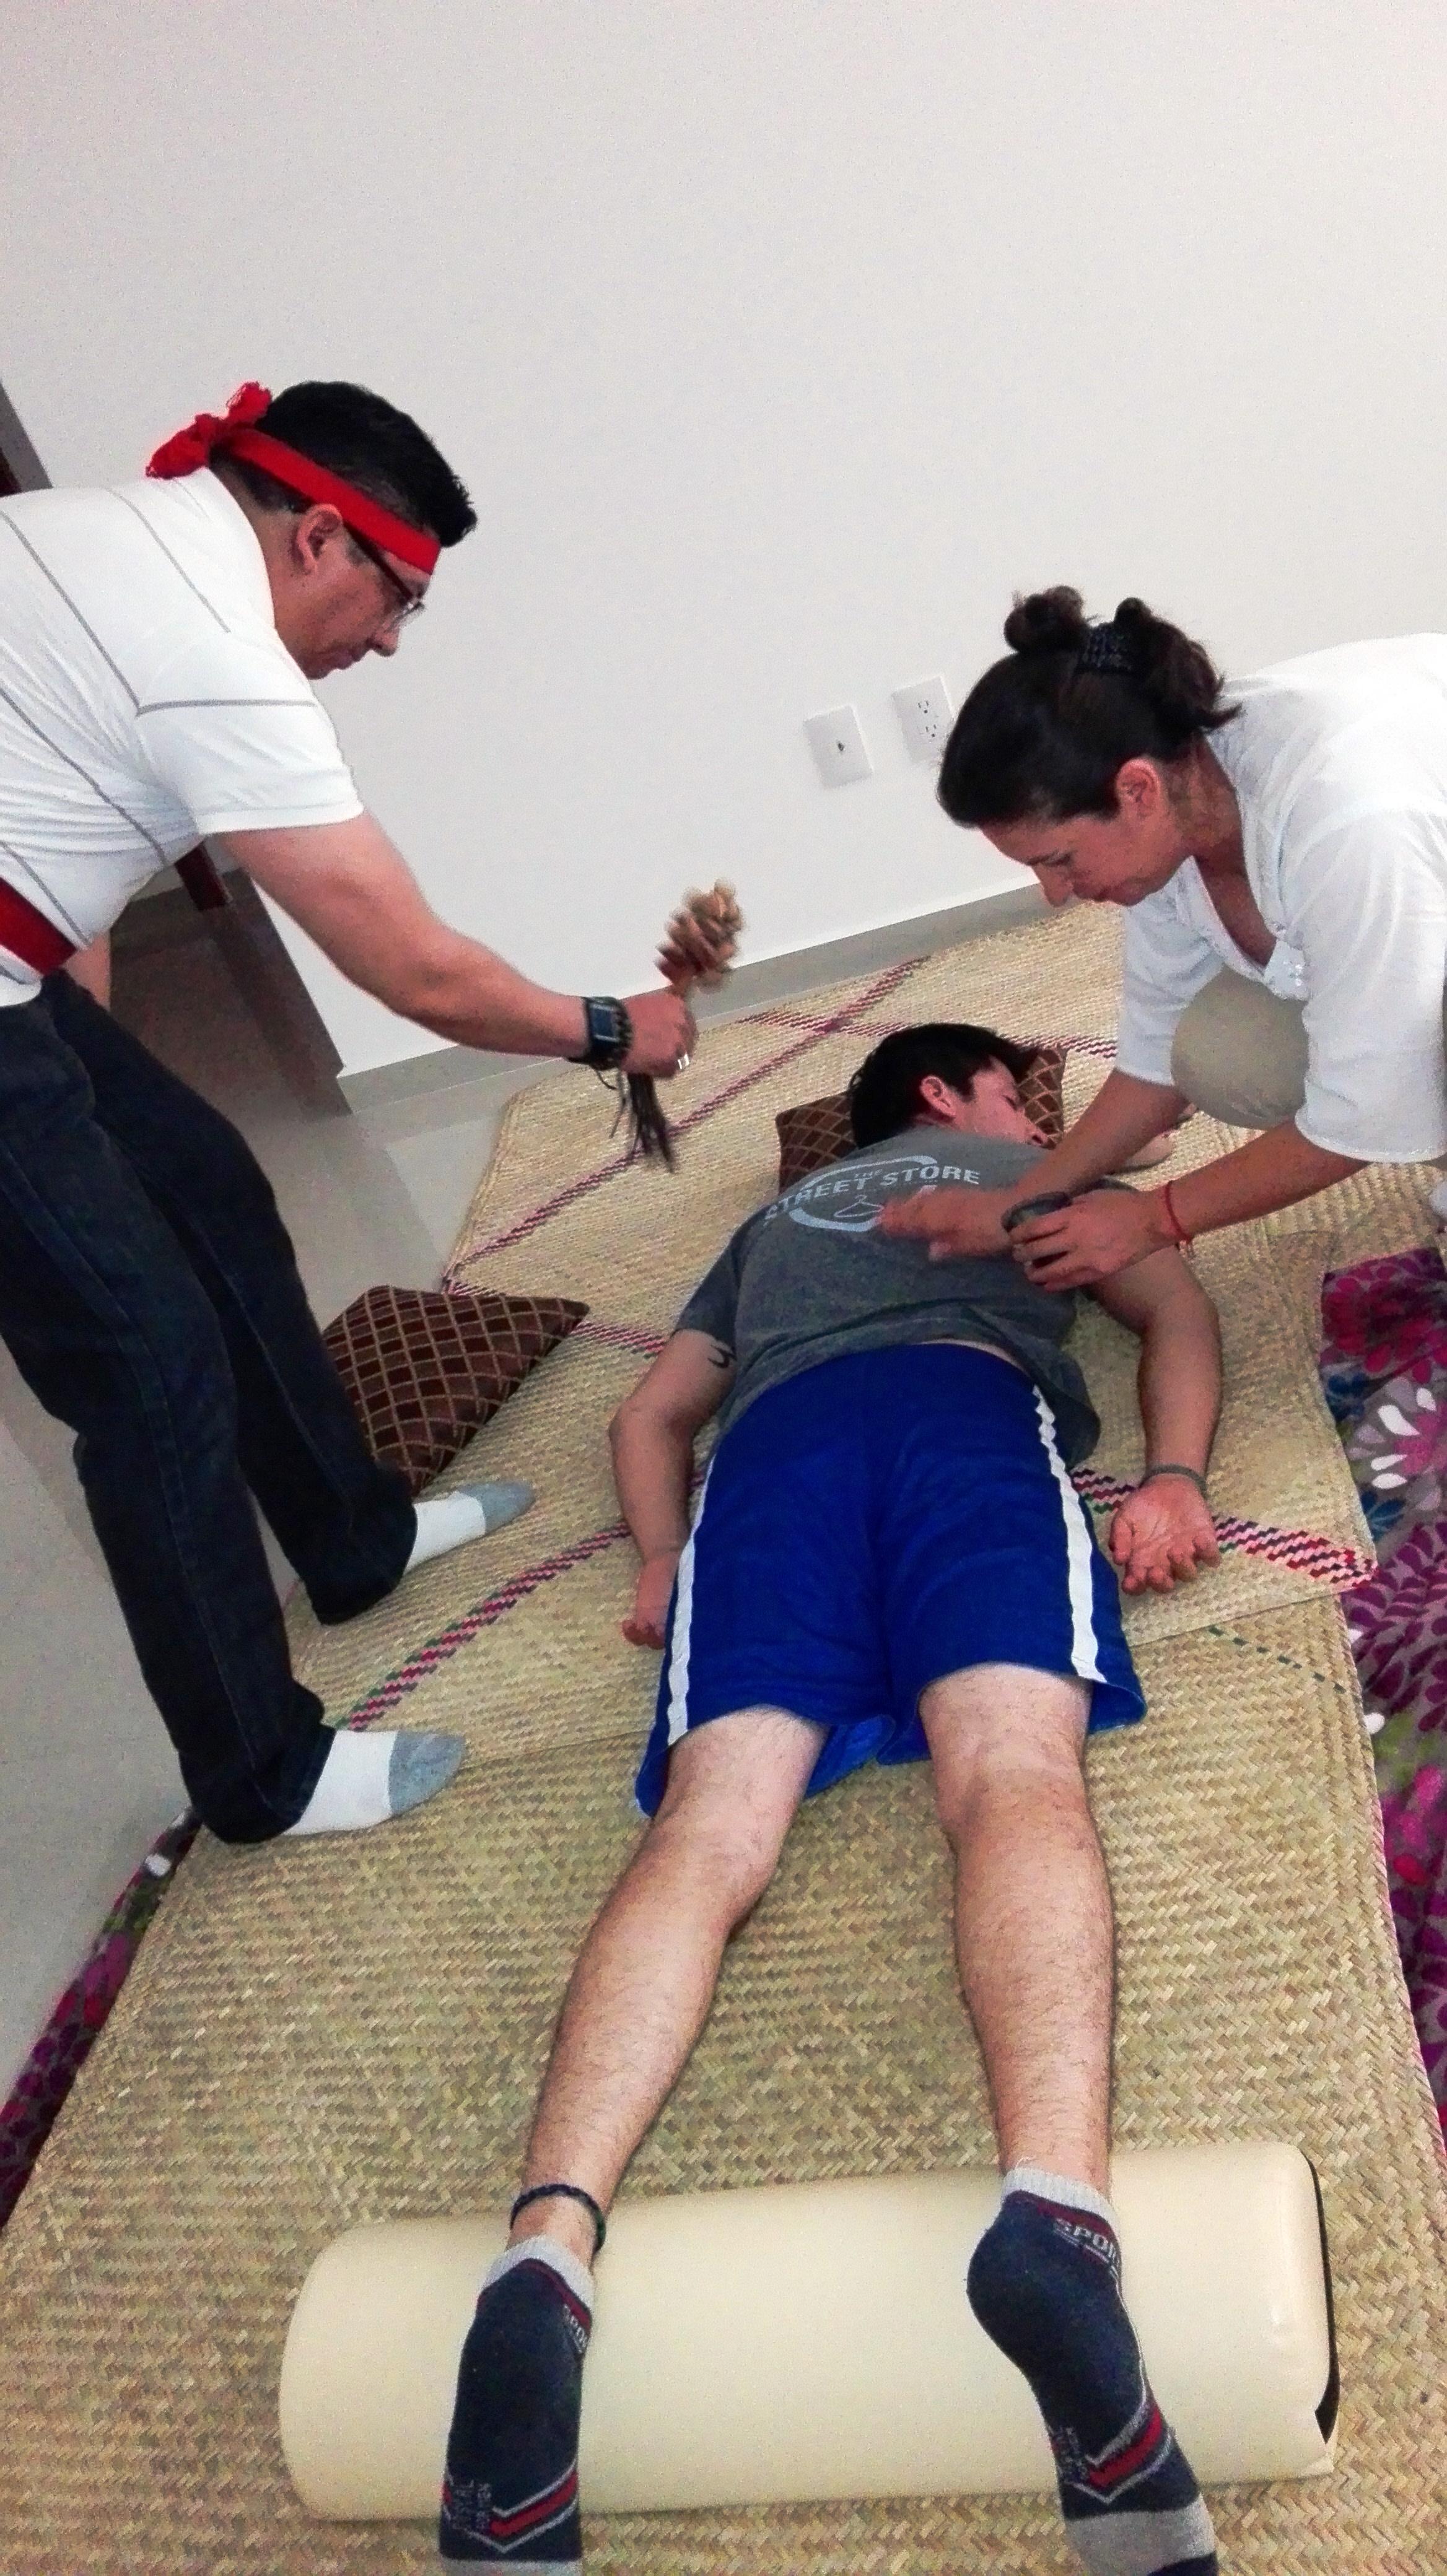 El masaje en la cara correcto de las arrugas del vídeo